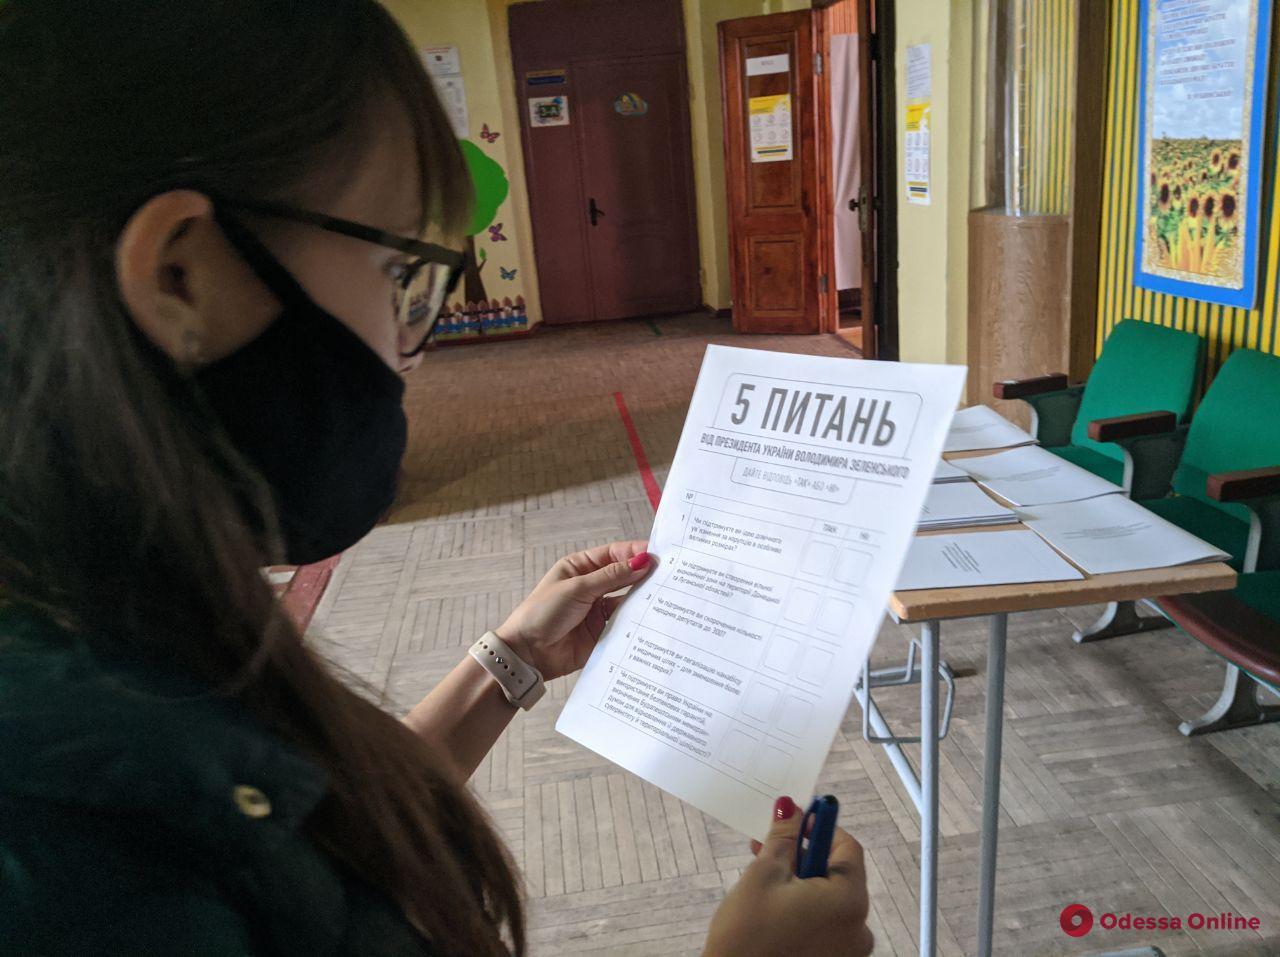 Опрос Зеленского: социологическая группа «Рейтинг» провела свое исследование и обнародовала результаты